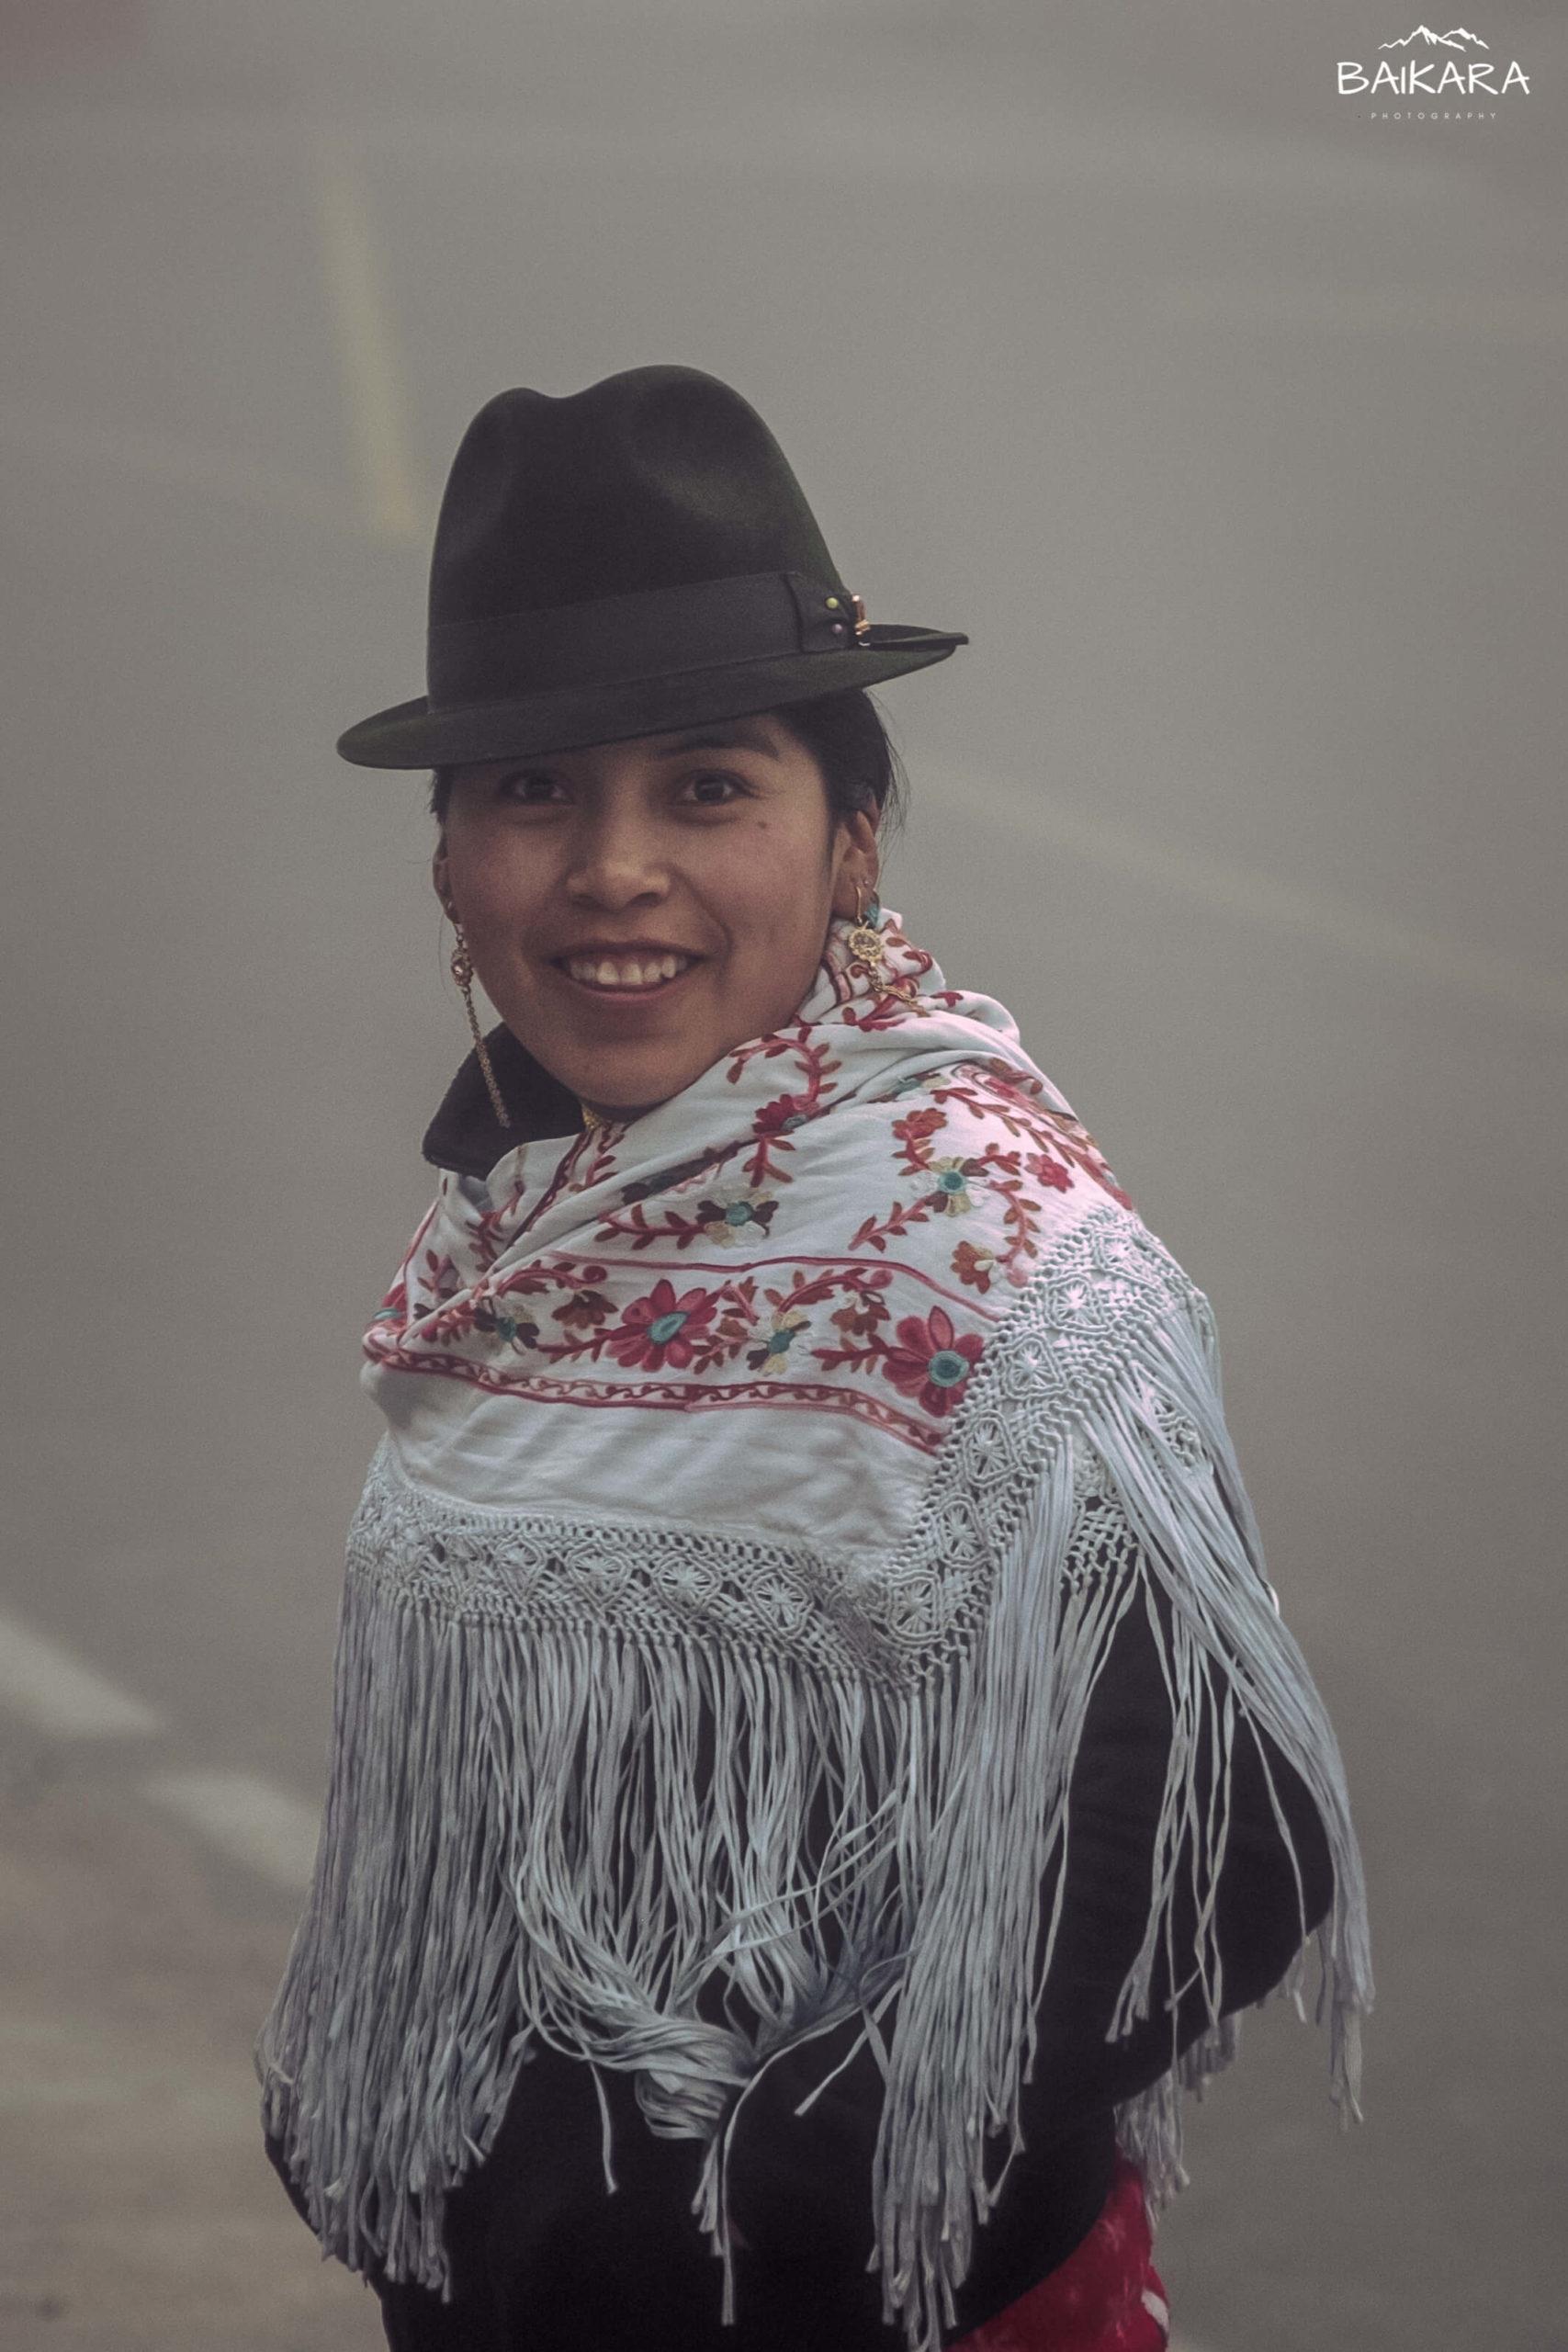 ekwador_quilotoa_wyprawy_baikara